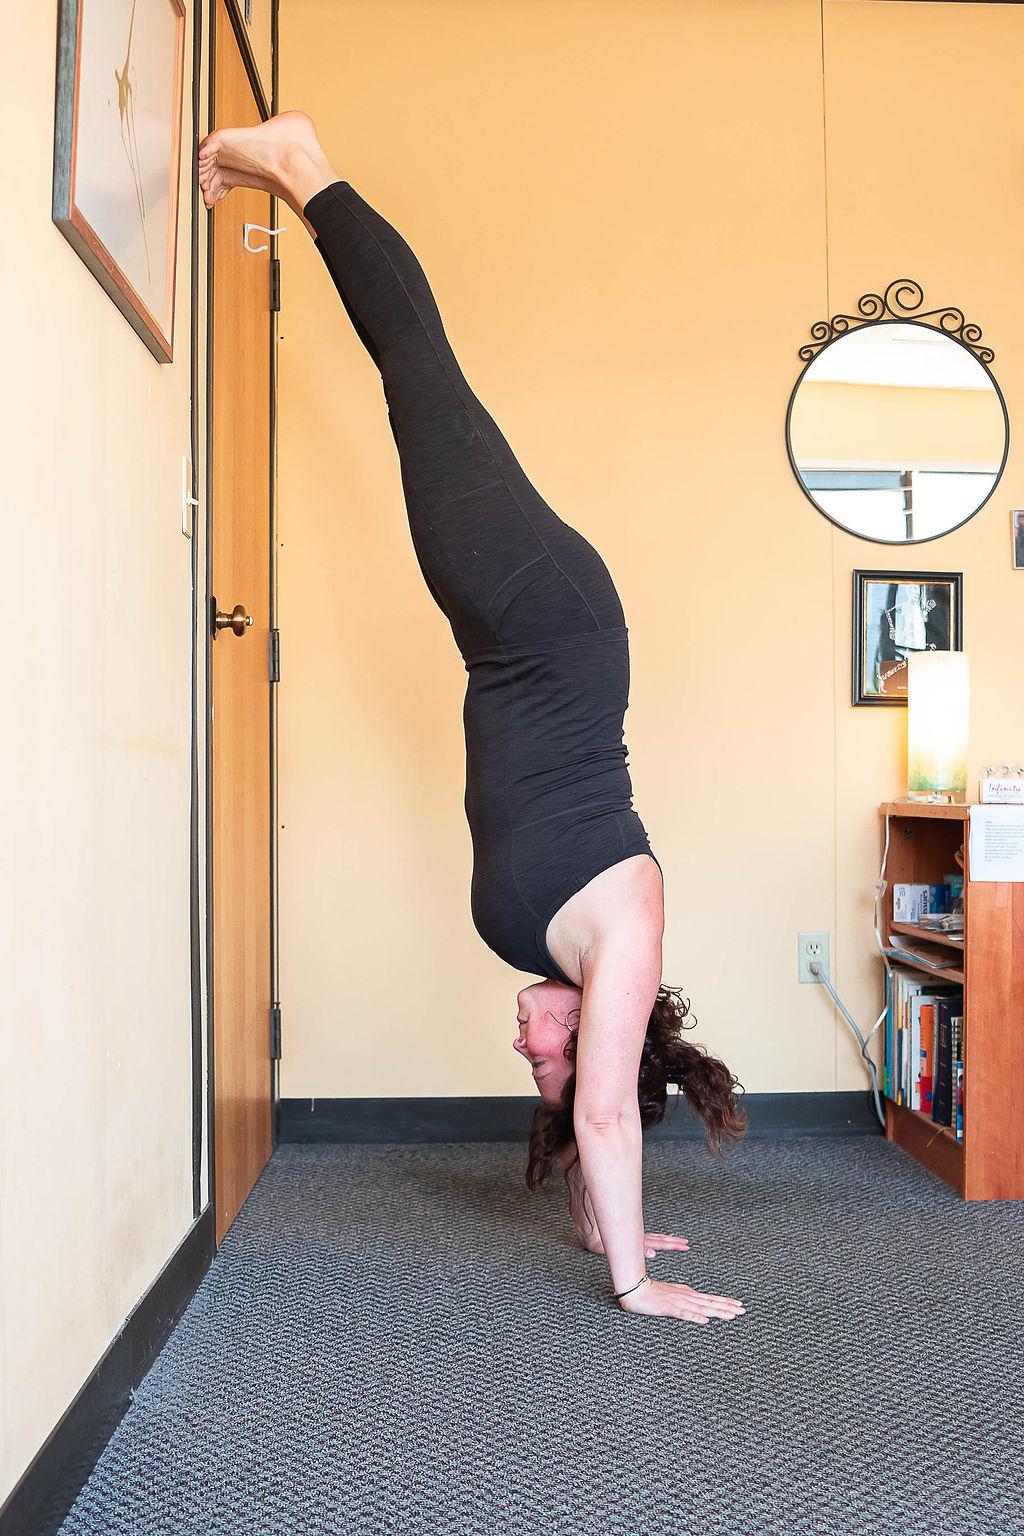 Handstand prep 3